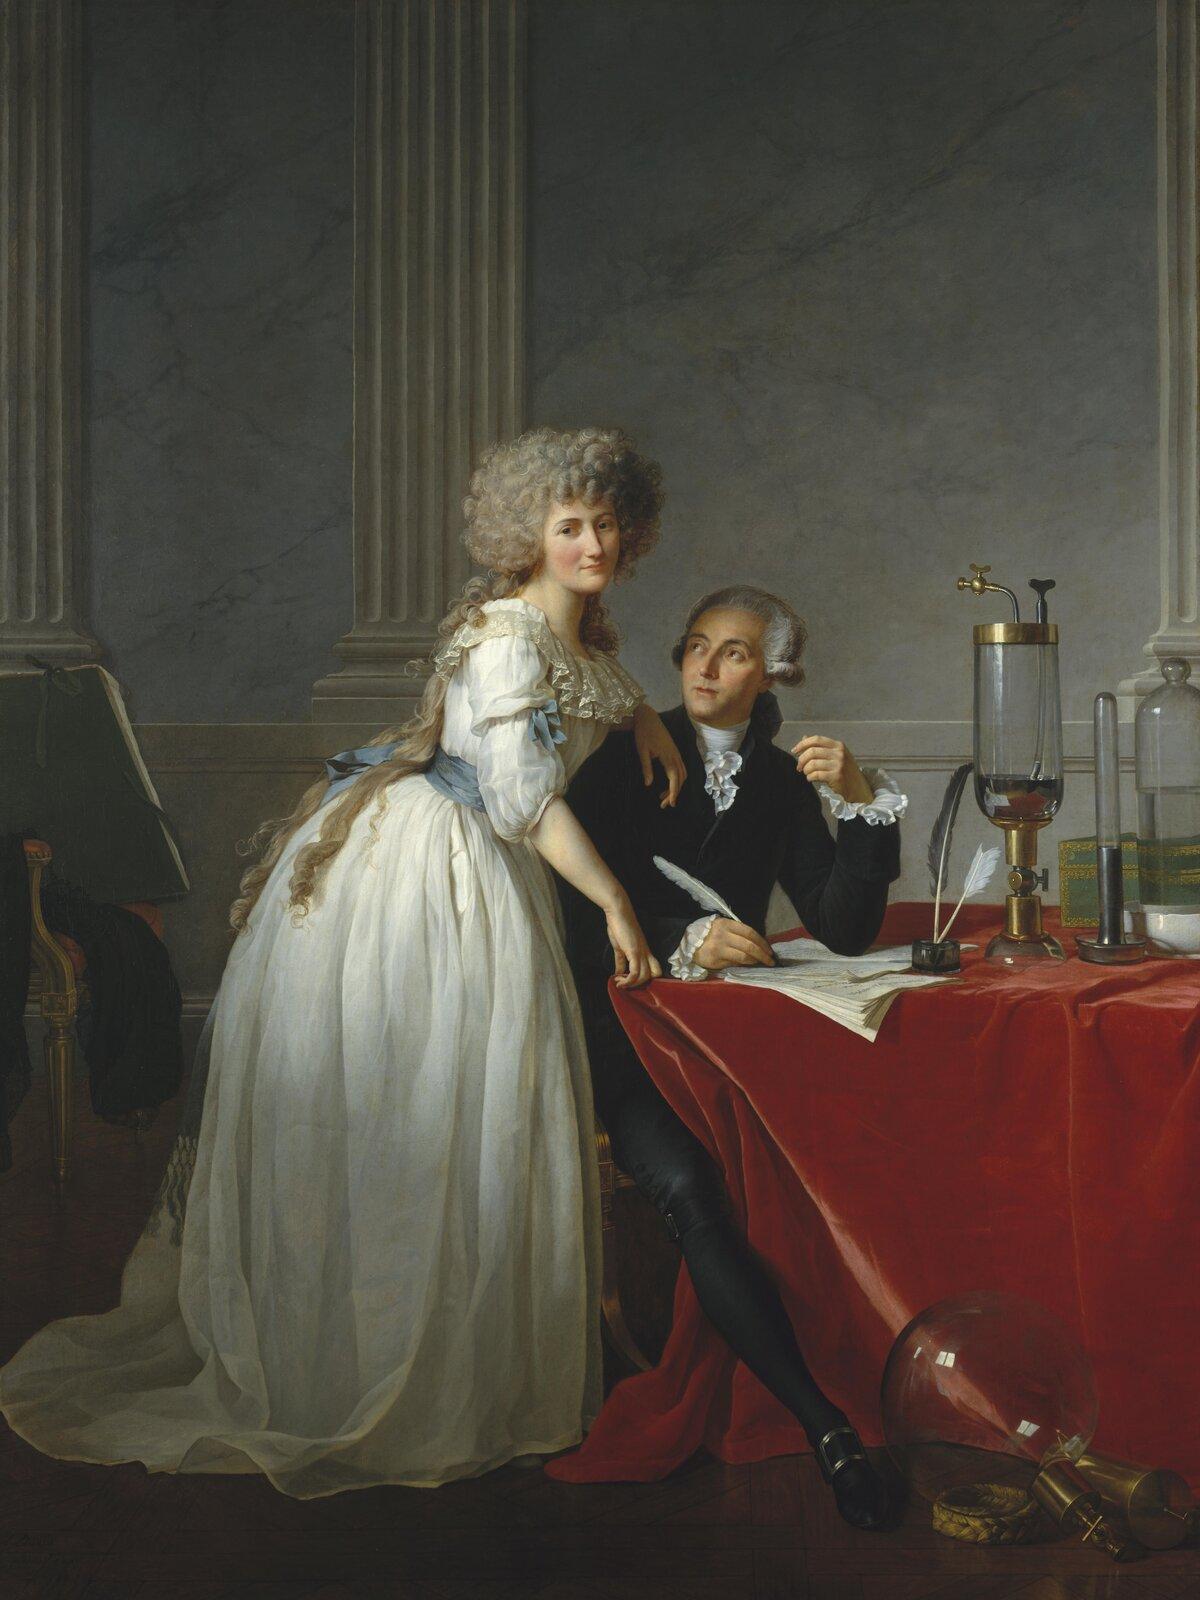 """Ilustracja przedstawia obraz olejny """"Portret Monsieur de Lavoisier ijego żony"""" autorstwa Jacques-Louisa Davida. Kompozycja przedstawia dwójkę postaci we wnętrzu. Zapatrzony wkobietę mężczyzna siedzi przy stole pokrytym czerwonym aksamitem. Ubrany jest wciemny kaftan zbiałym żabotem ikoronkowymi, białymi mankietami. Ngłowie ma białą gładką perukę zlokami po bokach. Lewy łokieć opiera na leżących na stole kartkach papieru. Prawa dłoń, trzymająca pióro spoczywa na stole. Spod spływającej ze stołu draperii wysuwa się noga mężczyzny wkrótkiej nogawce spodni, czarnej pończosze iczarnym bucie zklamrą. Obok niego, oparta lewą ręką ojego ramię aprawą ostół stoi kobieta. Nie oddaje spojrzenia mężczyźnie, wzrok ma skierowany wkierunku odbiorcy. Kobieta na głowie ma dużą szarą perukę zlokami zktórej na plecy spływają długie pukle włosów. Ubrana jest wdługą, białą suknię, przepasaną niebieską szarfą wtalii zbufiastymi rękawami ikoronkowo wykończonym dekoltem. Para ukazana jest na tle szarej, marmurowej ściany zkanelowanymi pilastrami. Na stole przed mężczyzną oraz pod stołem znajdują się szklane przybory naukowe. Obraz wykonany jest zdużą dbałością owierne odwzorowanie natury."""